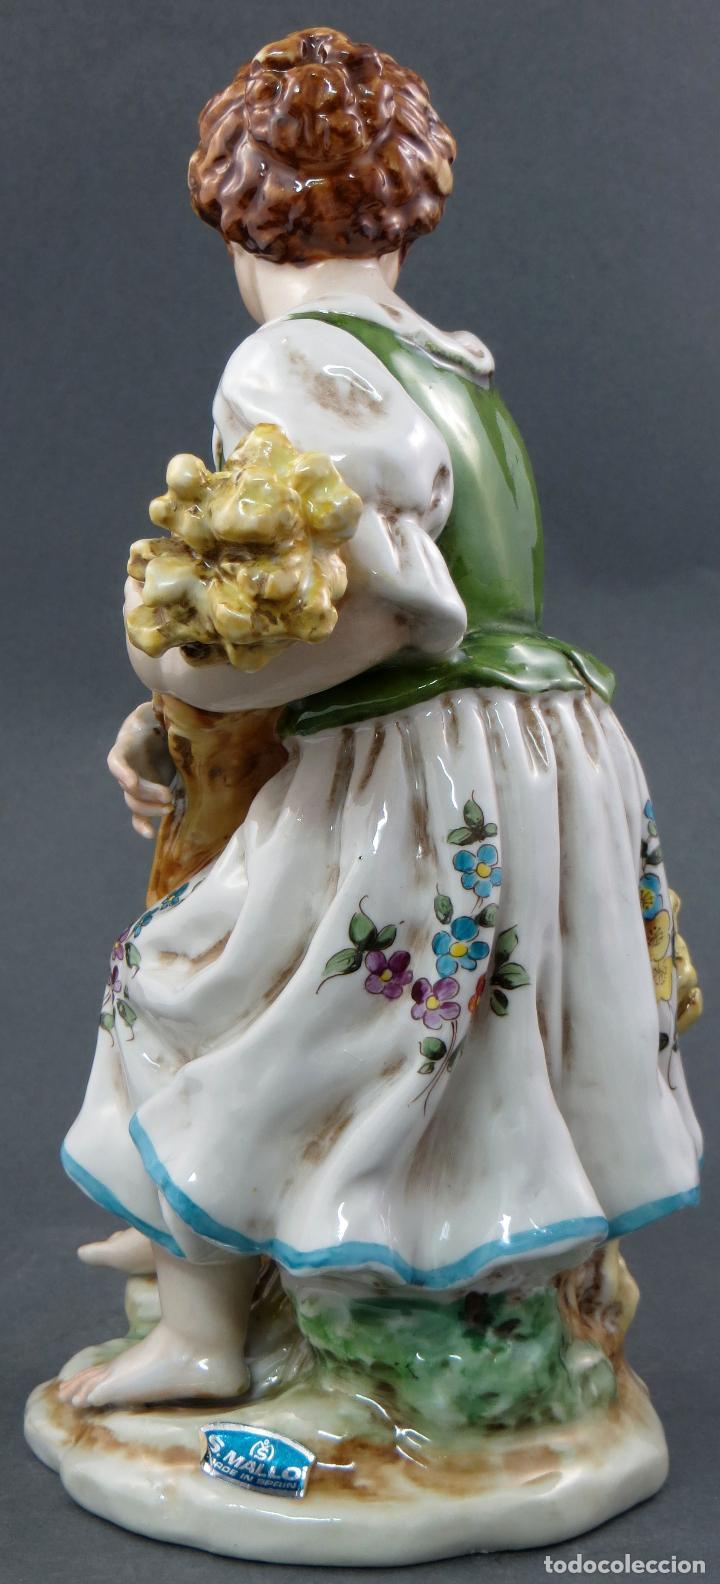 Antigüedades: Niña campesina serie estaciones Verano porcelana Hispania Salvador Mallol años 40 - Foto 3 - 112527479